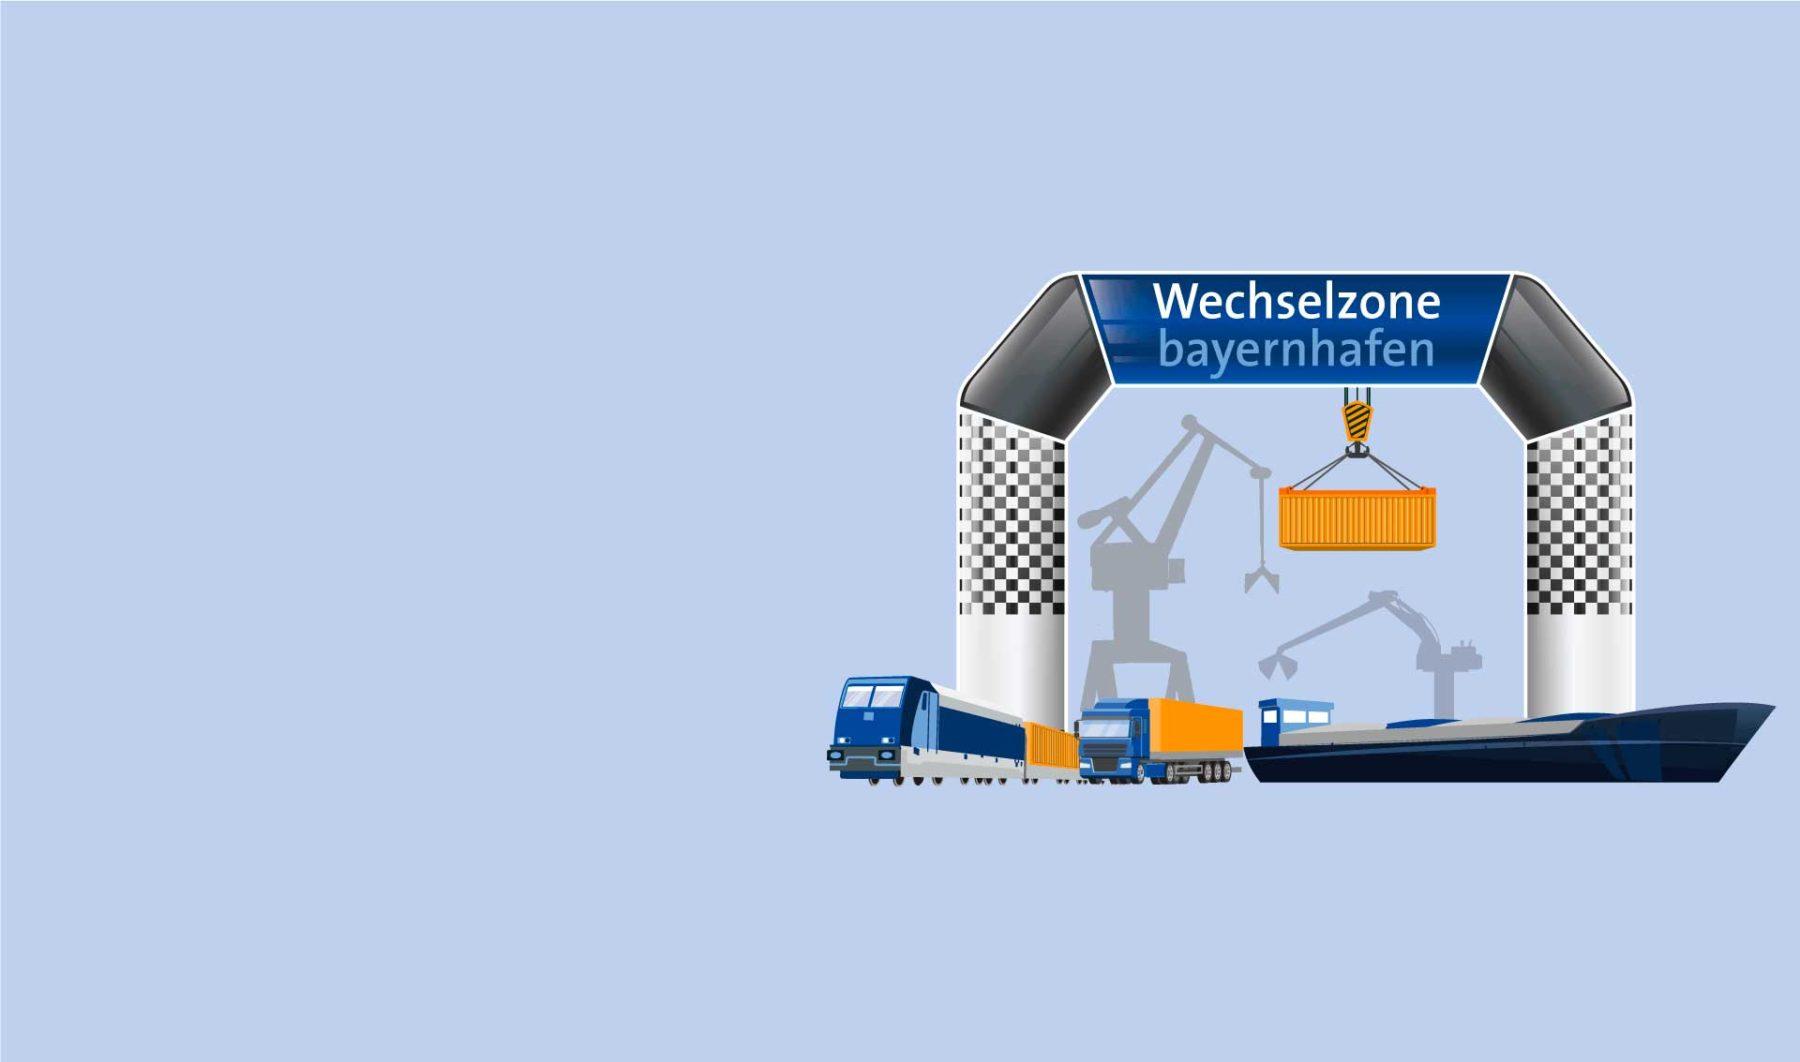 Wechselzone bayernhafen Grafik